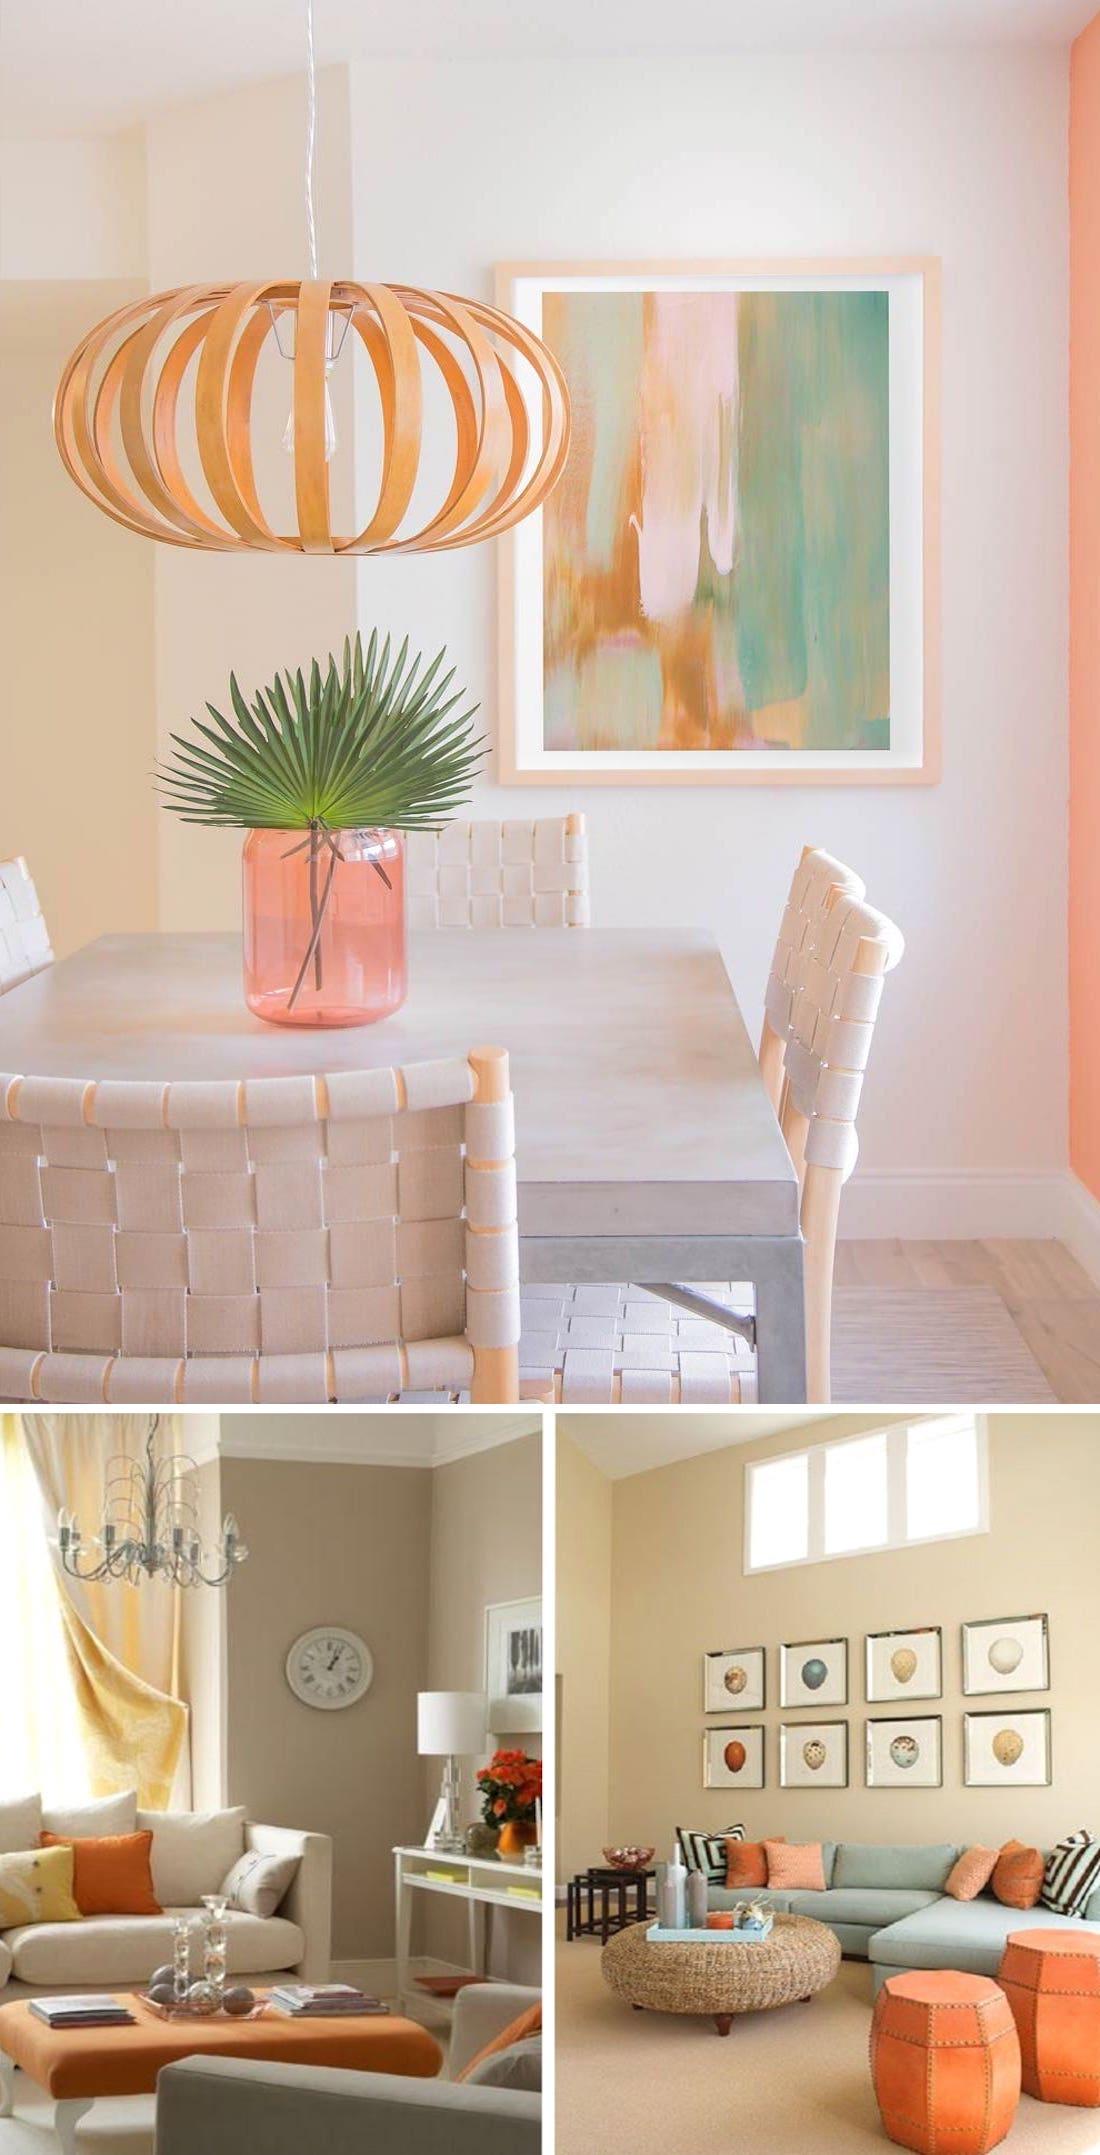 Оформляя интерьер в бежево-оранжевом цвете важно уделить внимание каждой детали